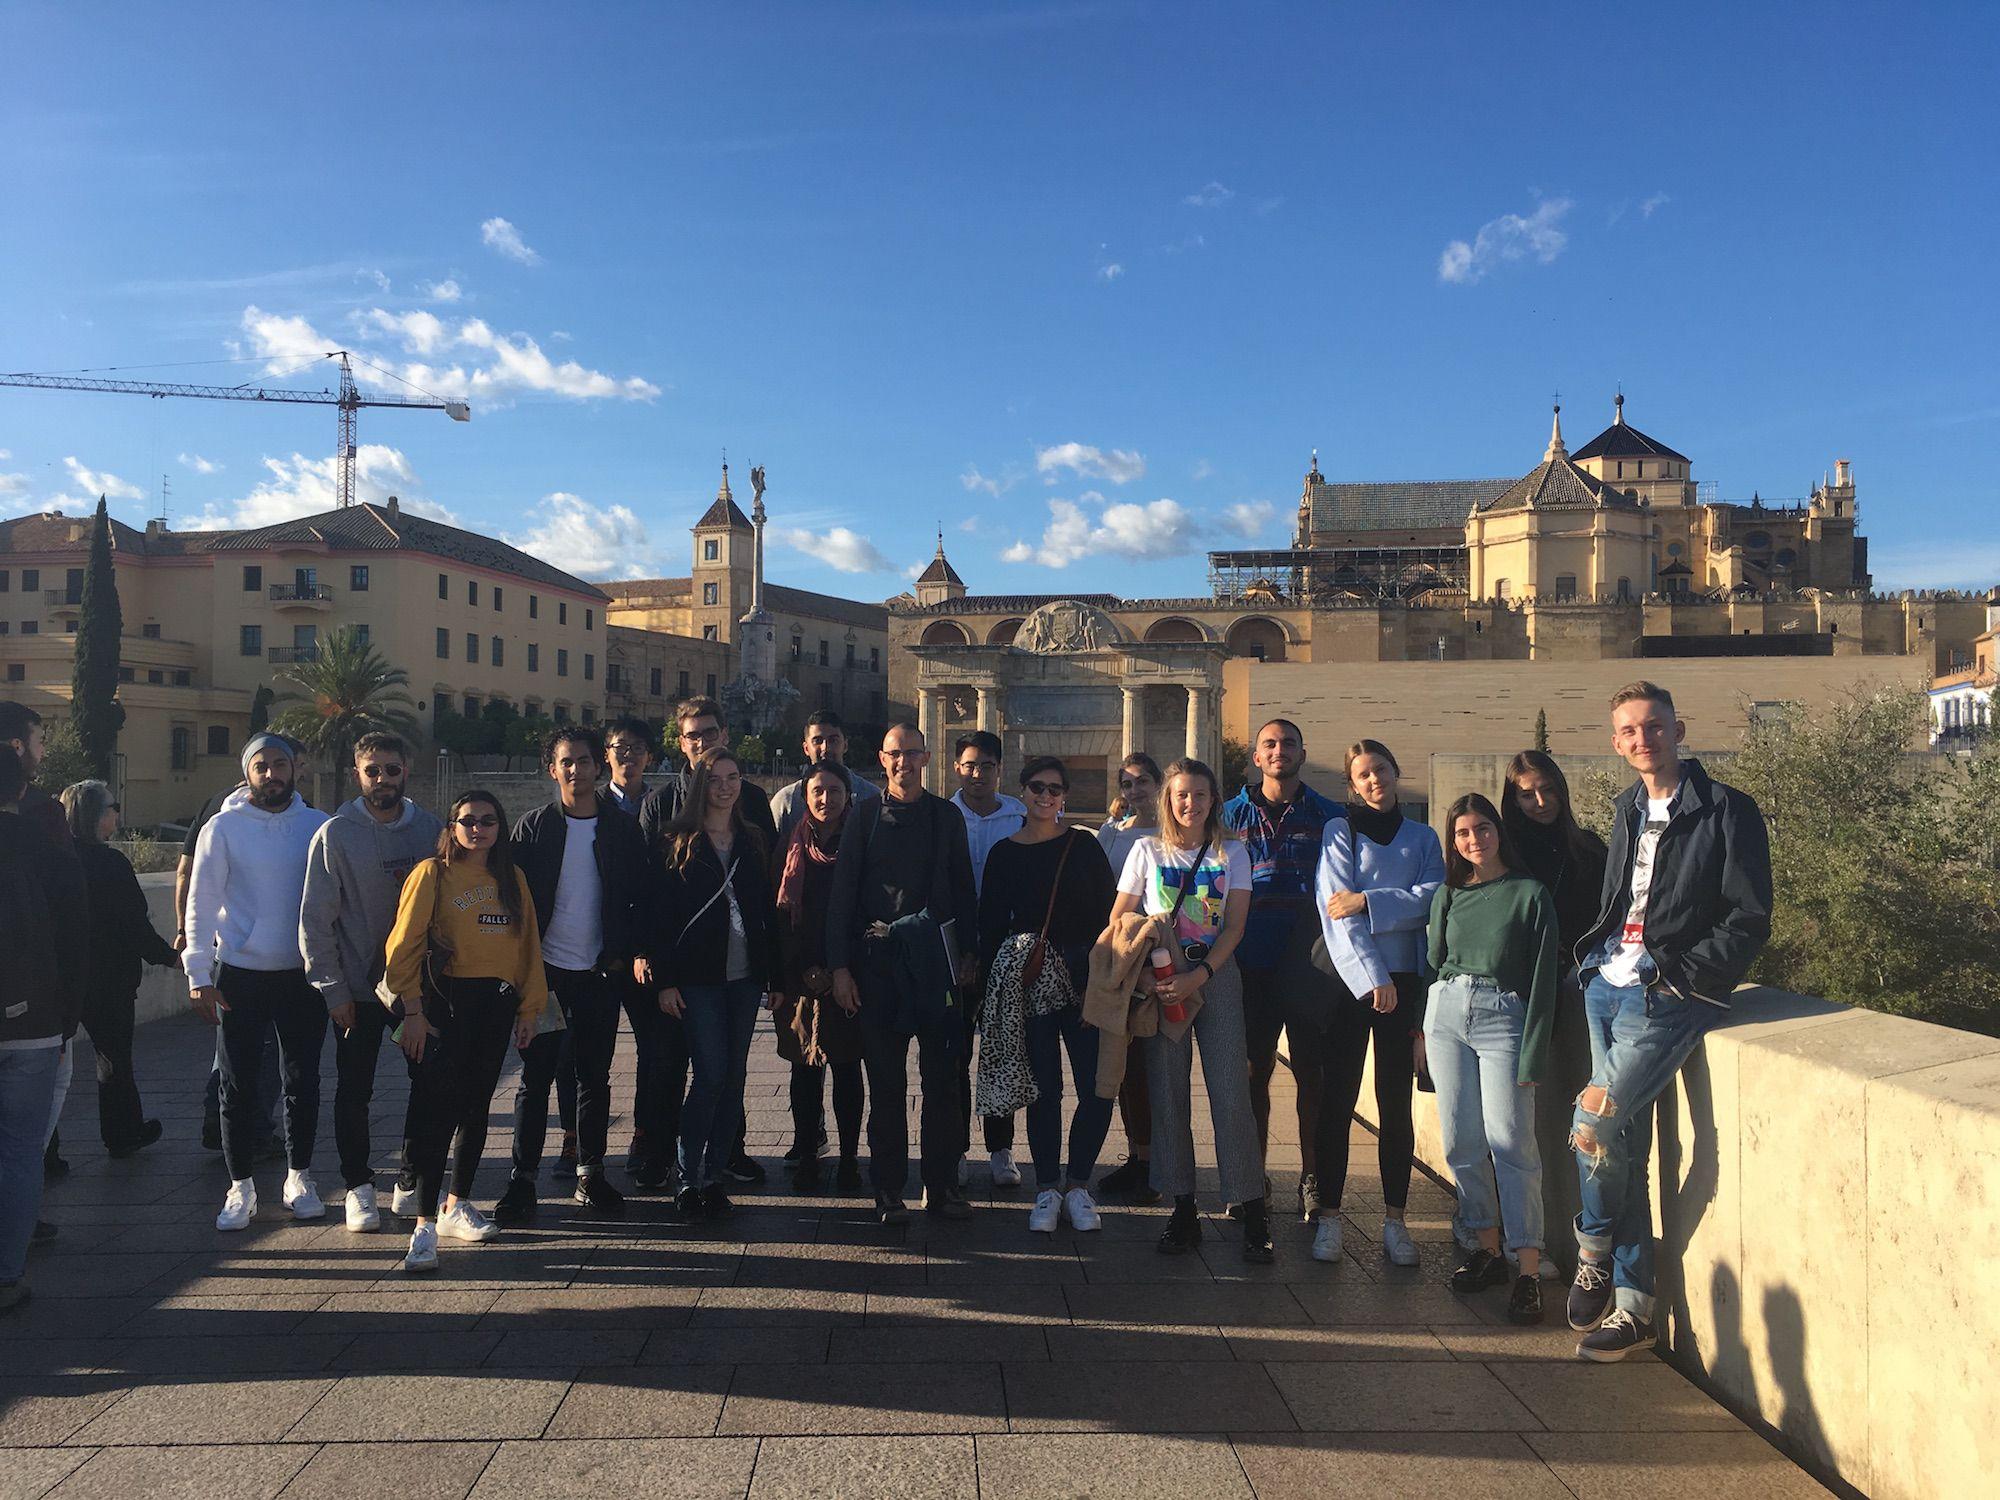 Los estudiantes de Architecture de la CEU UCH, en el Puente Romano y Centro de Visitantes, de Juan Cuenca. Al fondo, la Mezquita-Catedral de Córdoba.